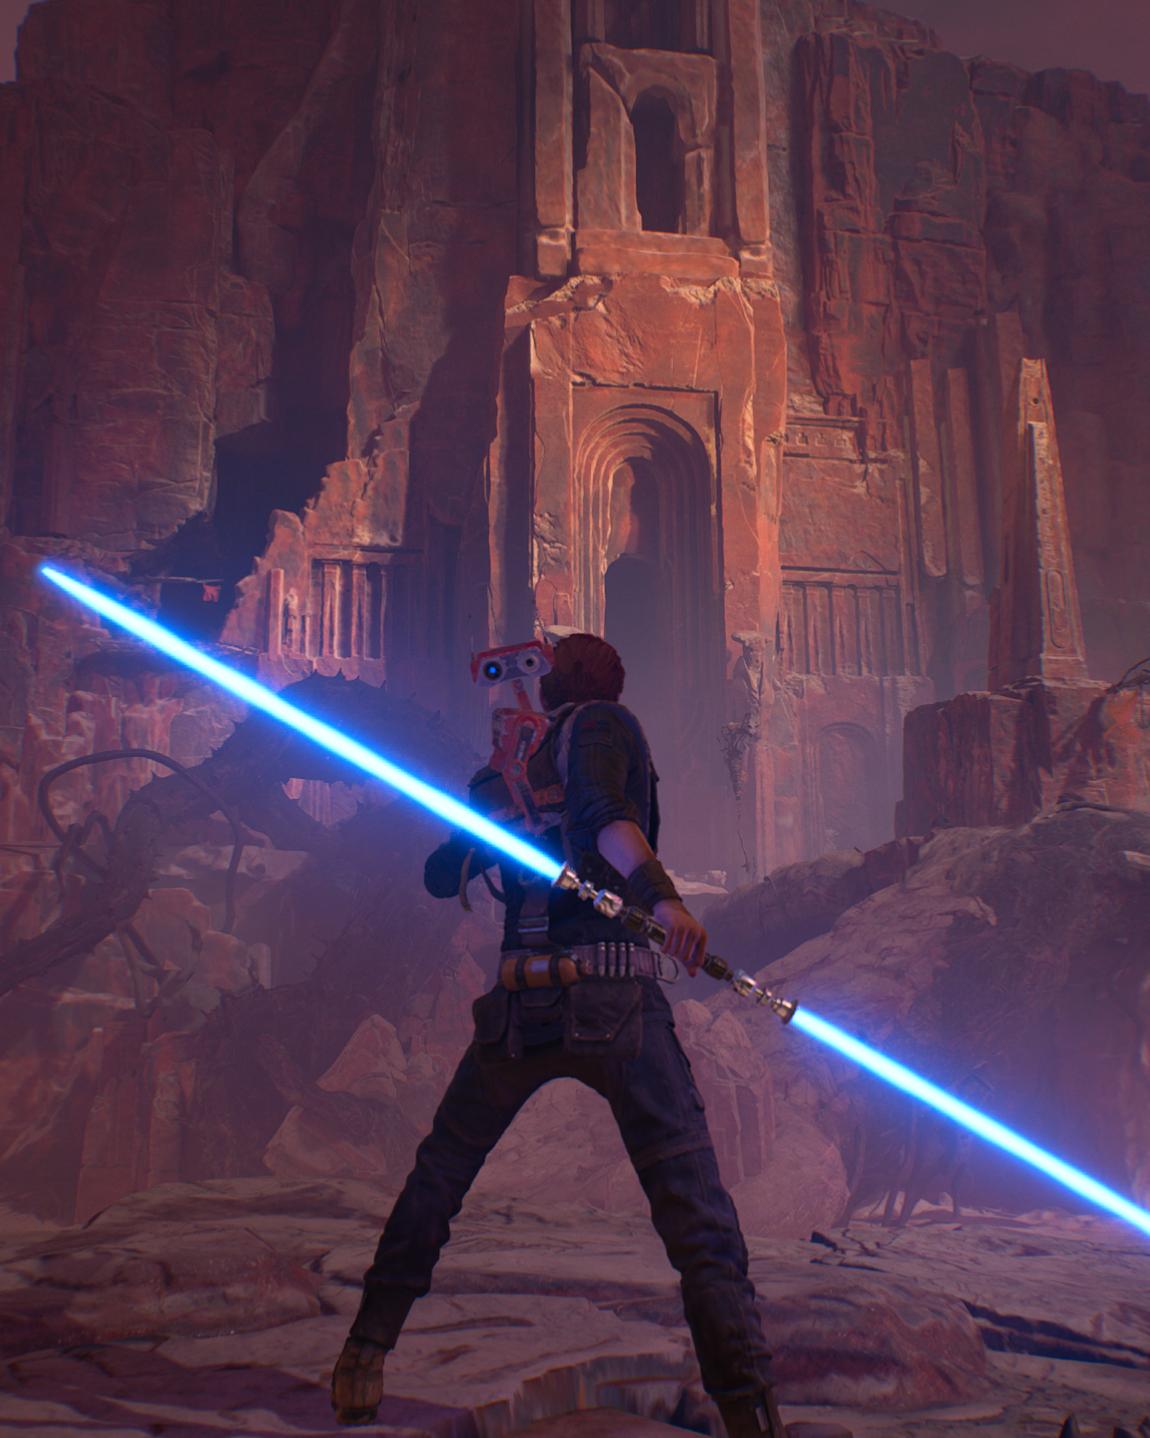 star-wars-jedi-fallen-order-lightsaber.png